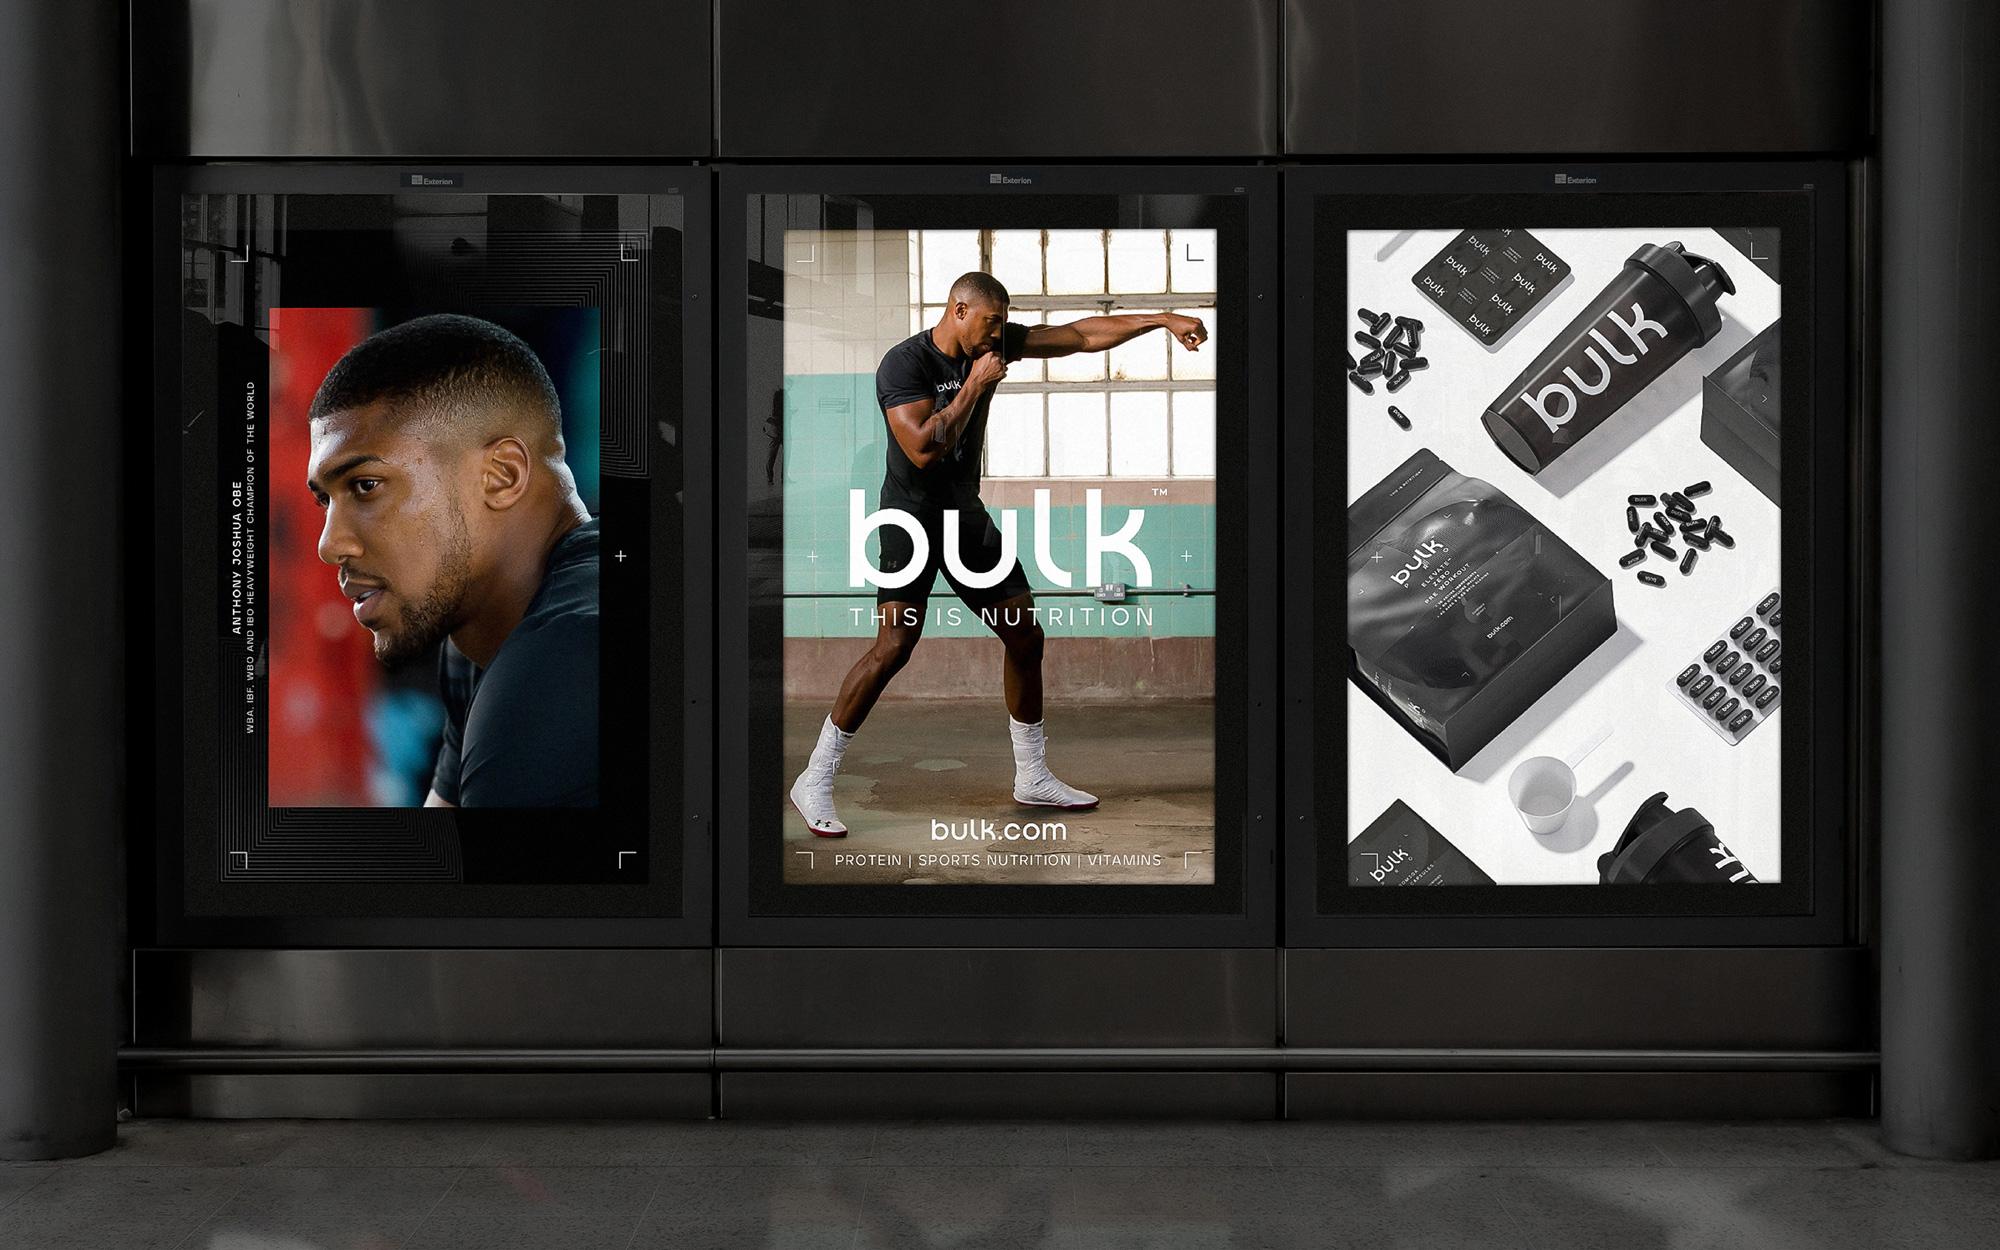 Bulk-Brand-Campaign-Eskimo-Square